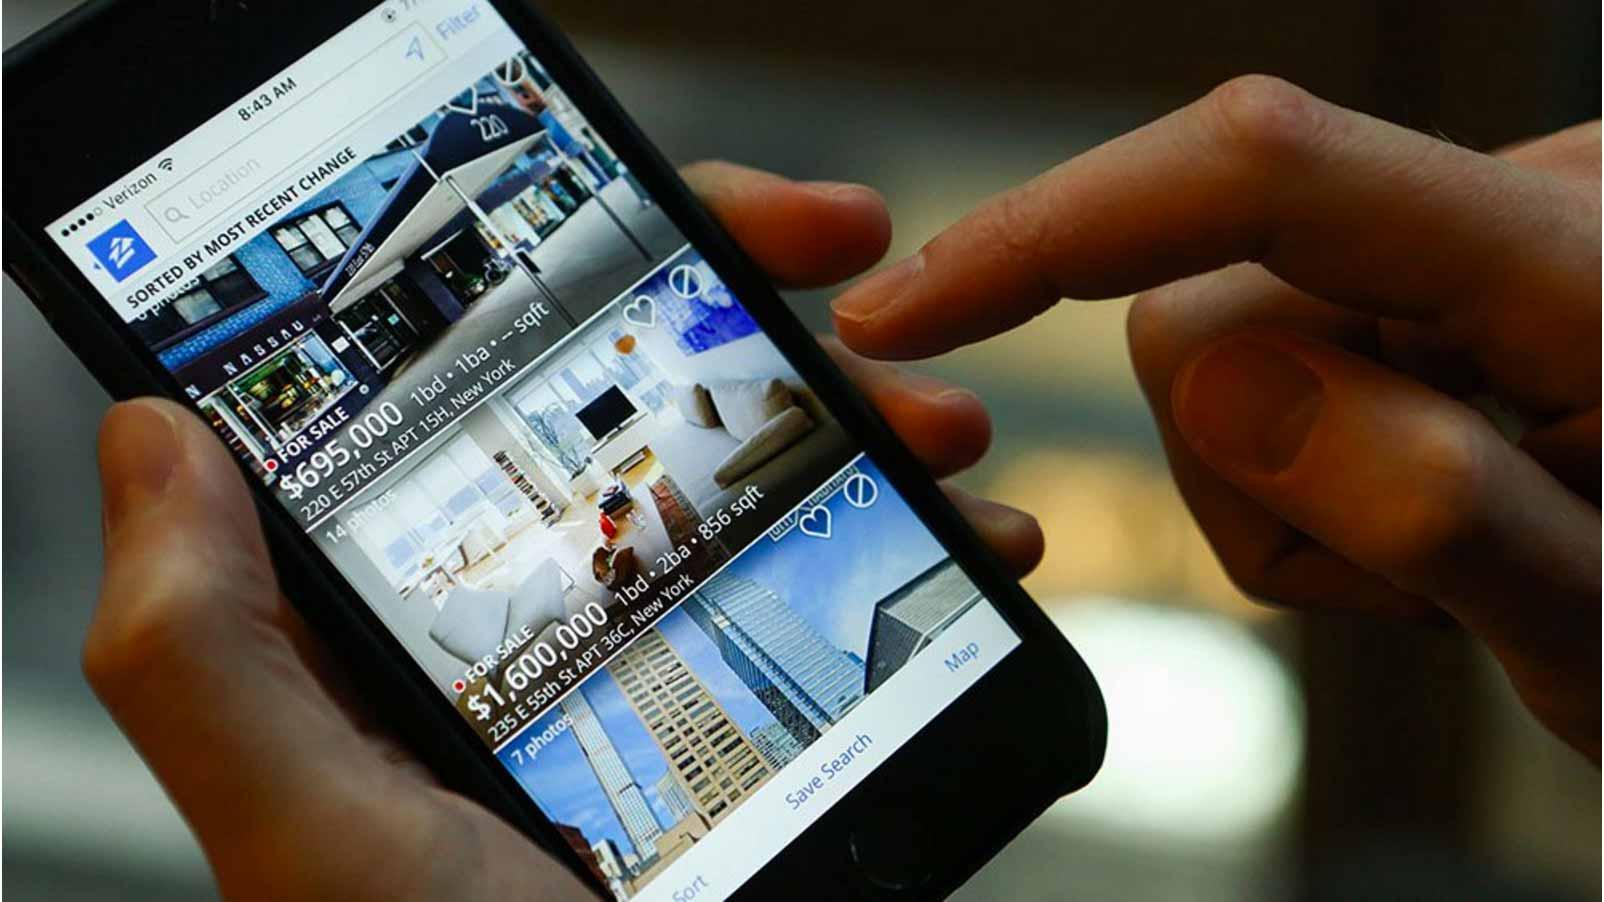 zillow-mobile-app.jpg